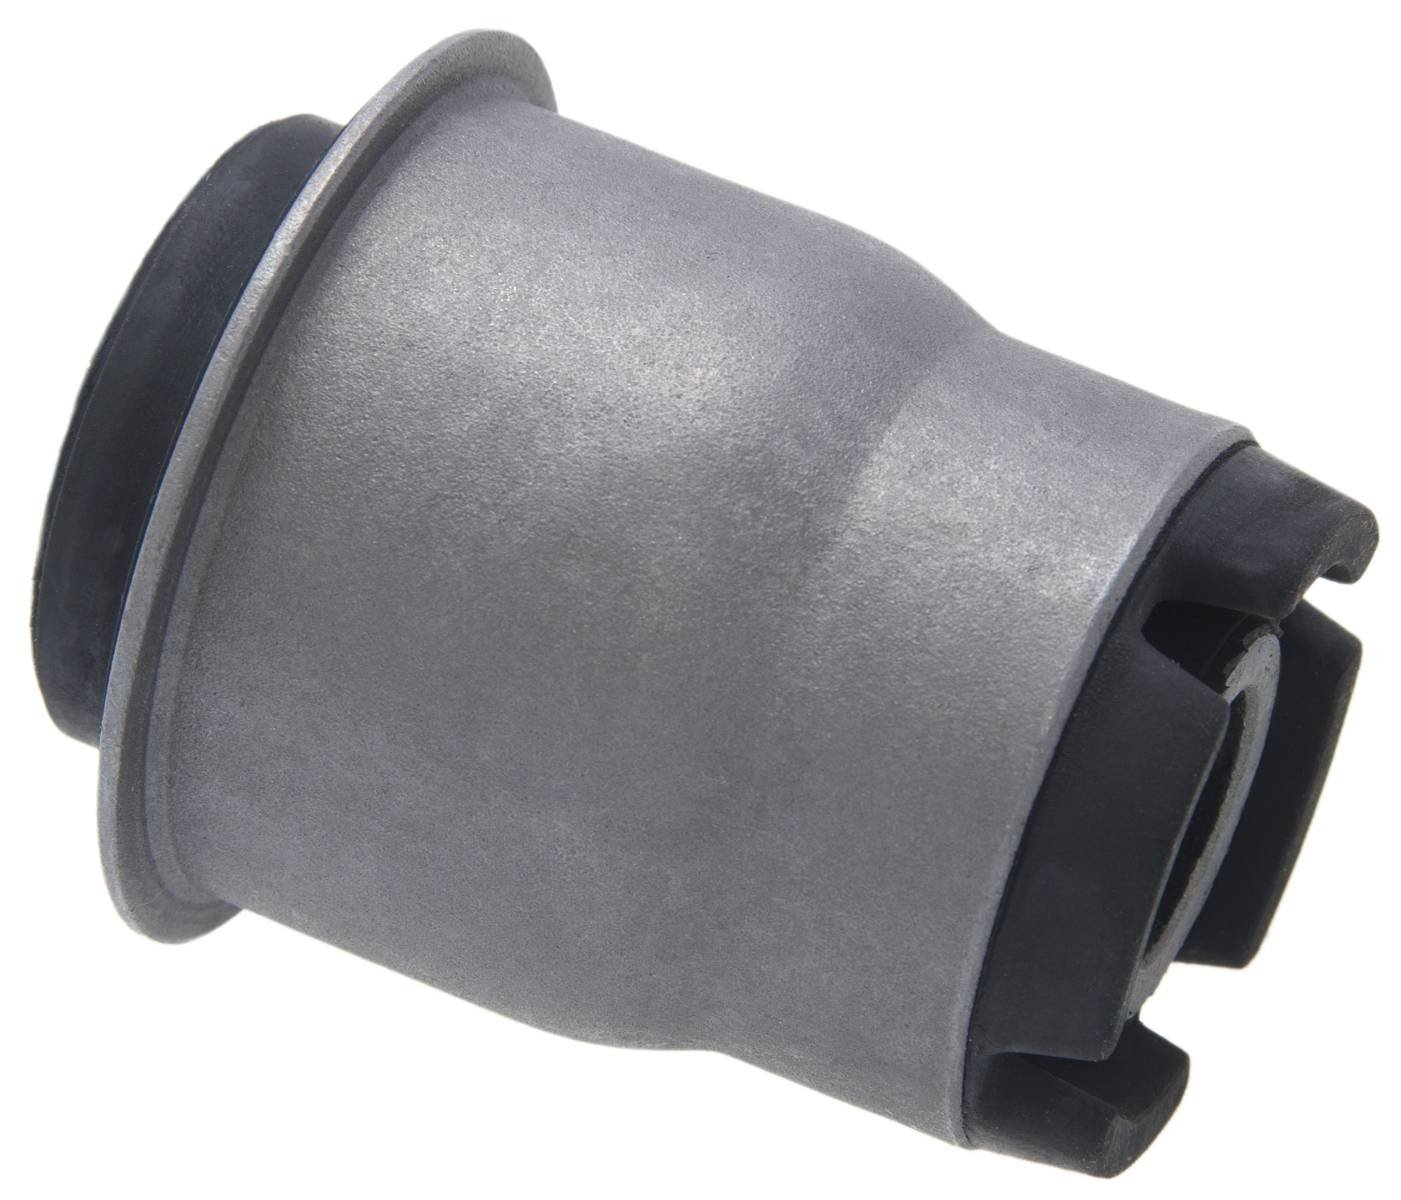 54466-Ja060 / 54466Ja060 - Front Body Bushing For Nissan